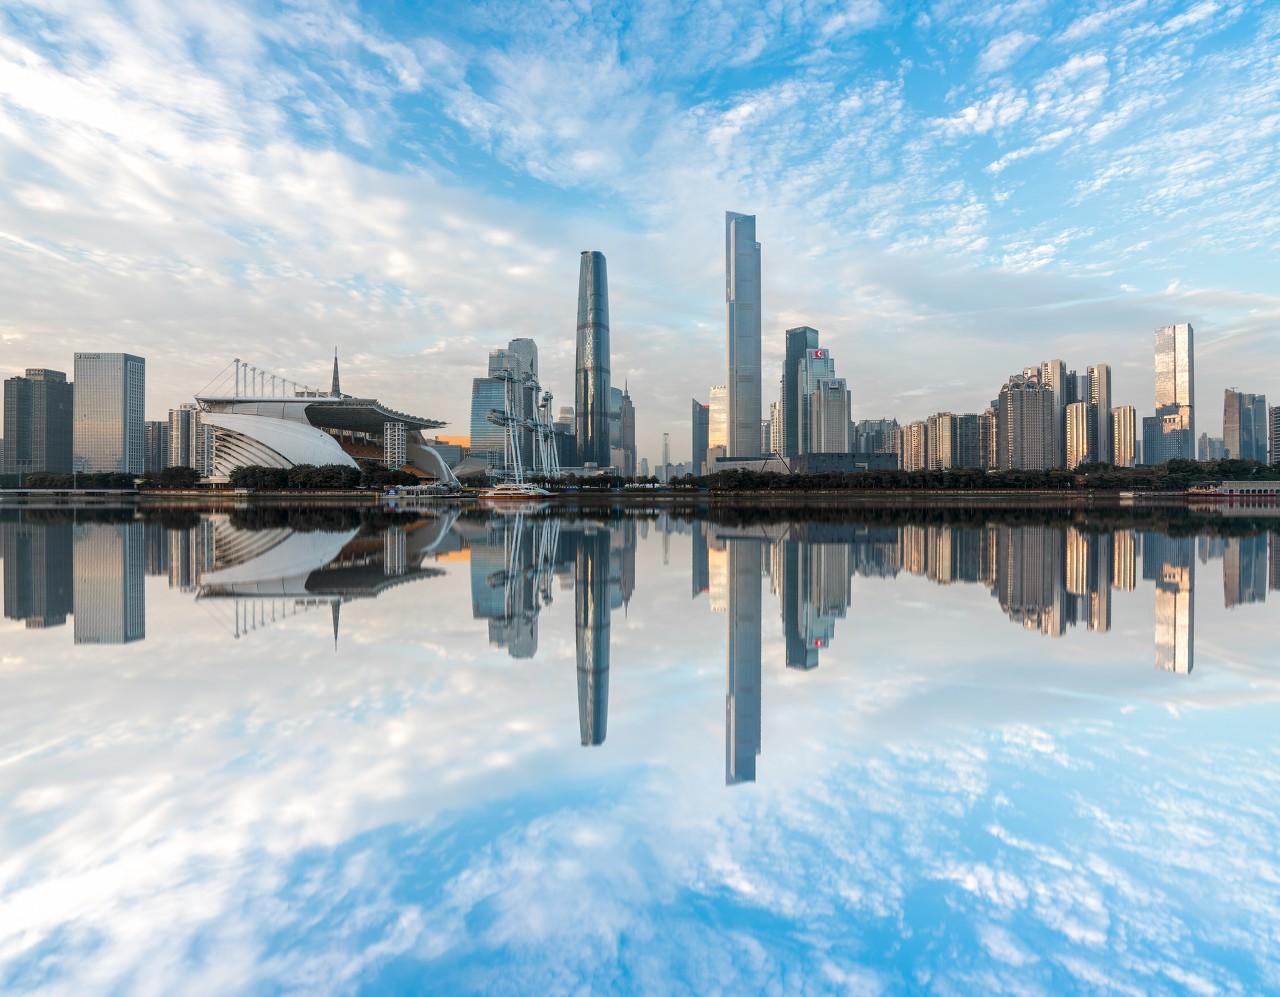 2019年中国城市房地产市场投资前景榜单:长三角领跑全国